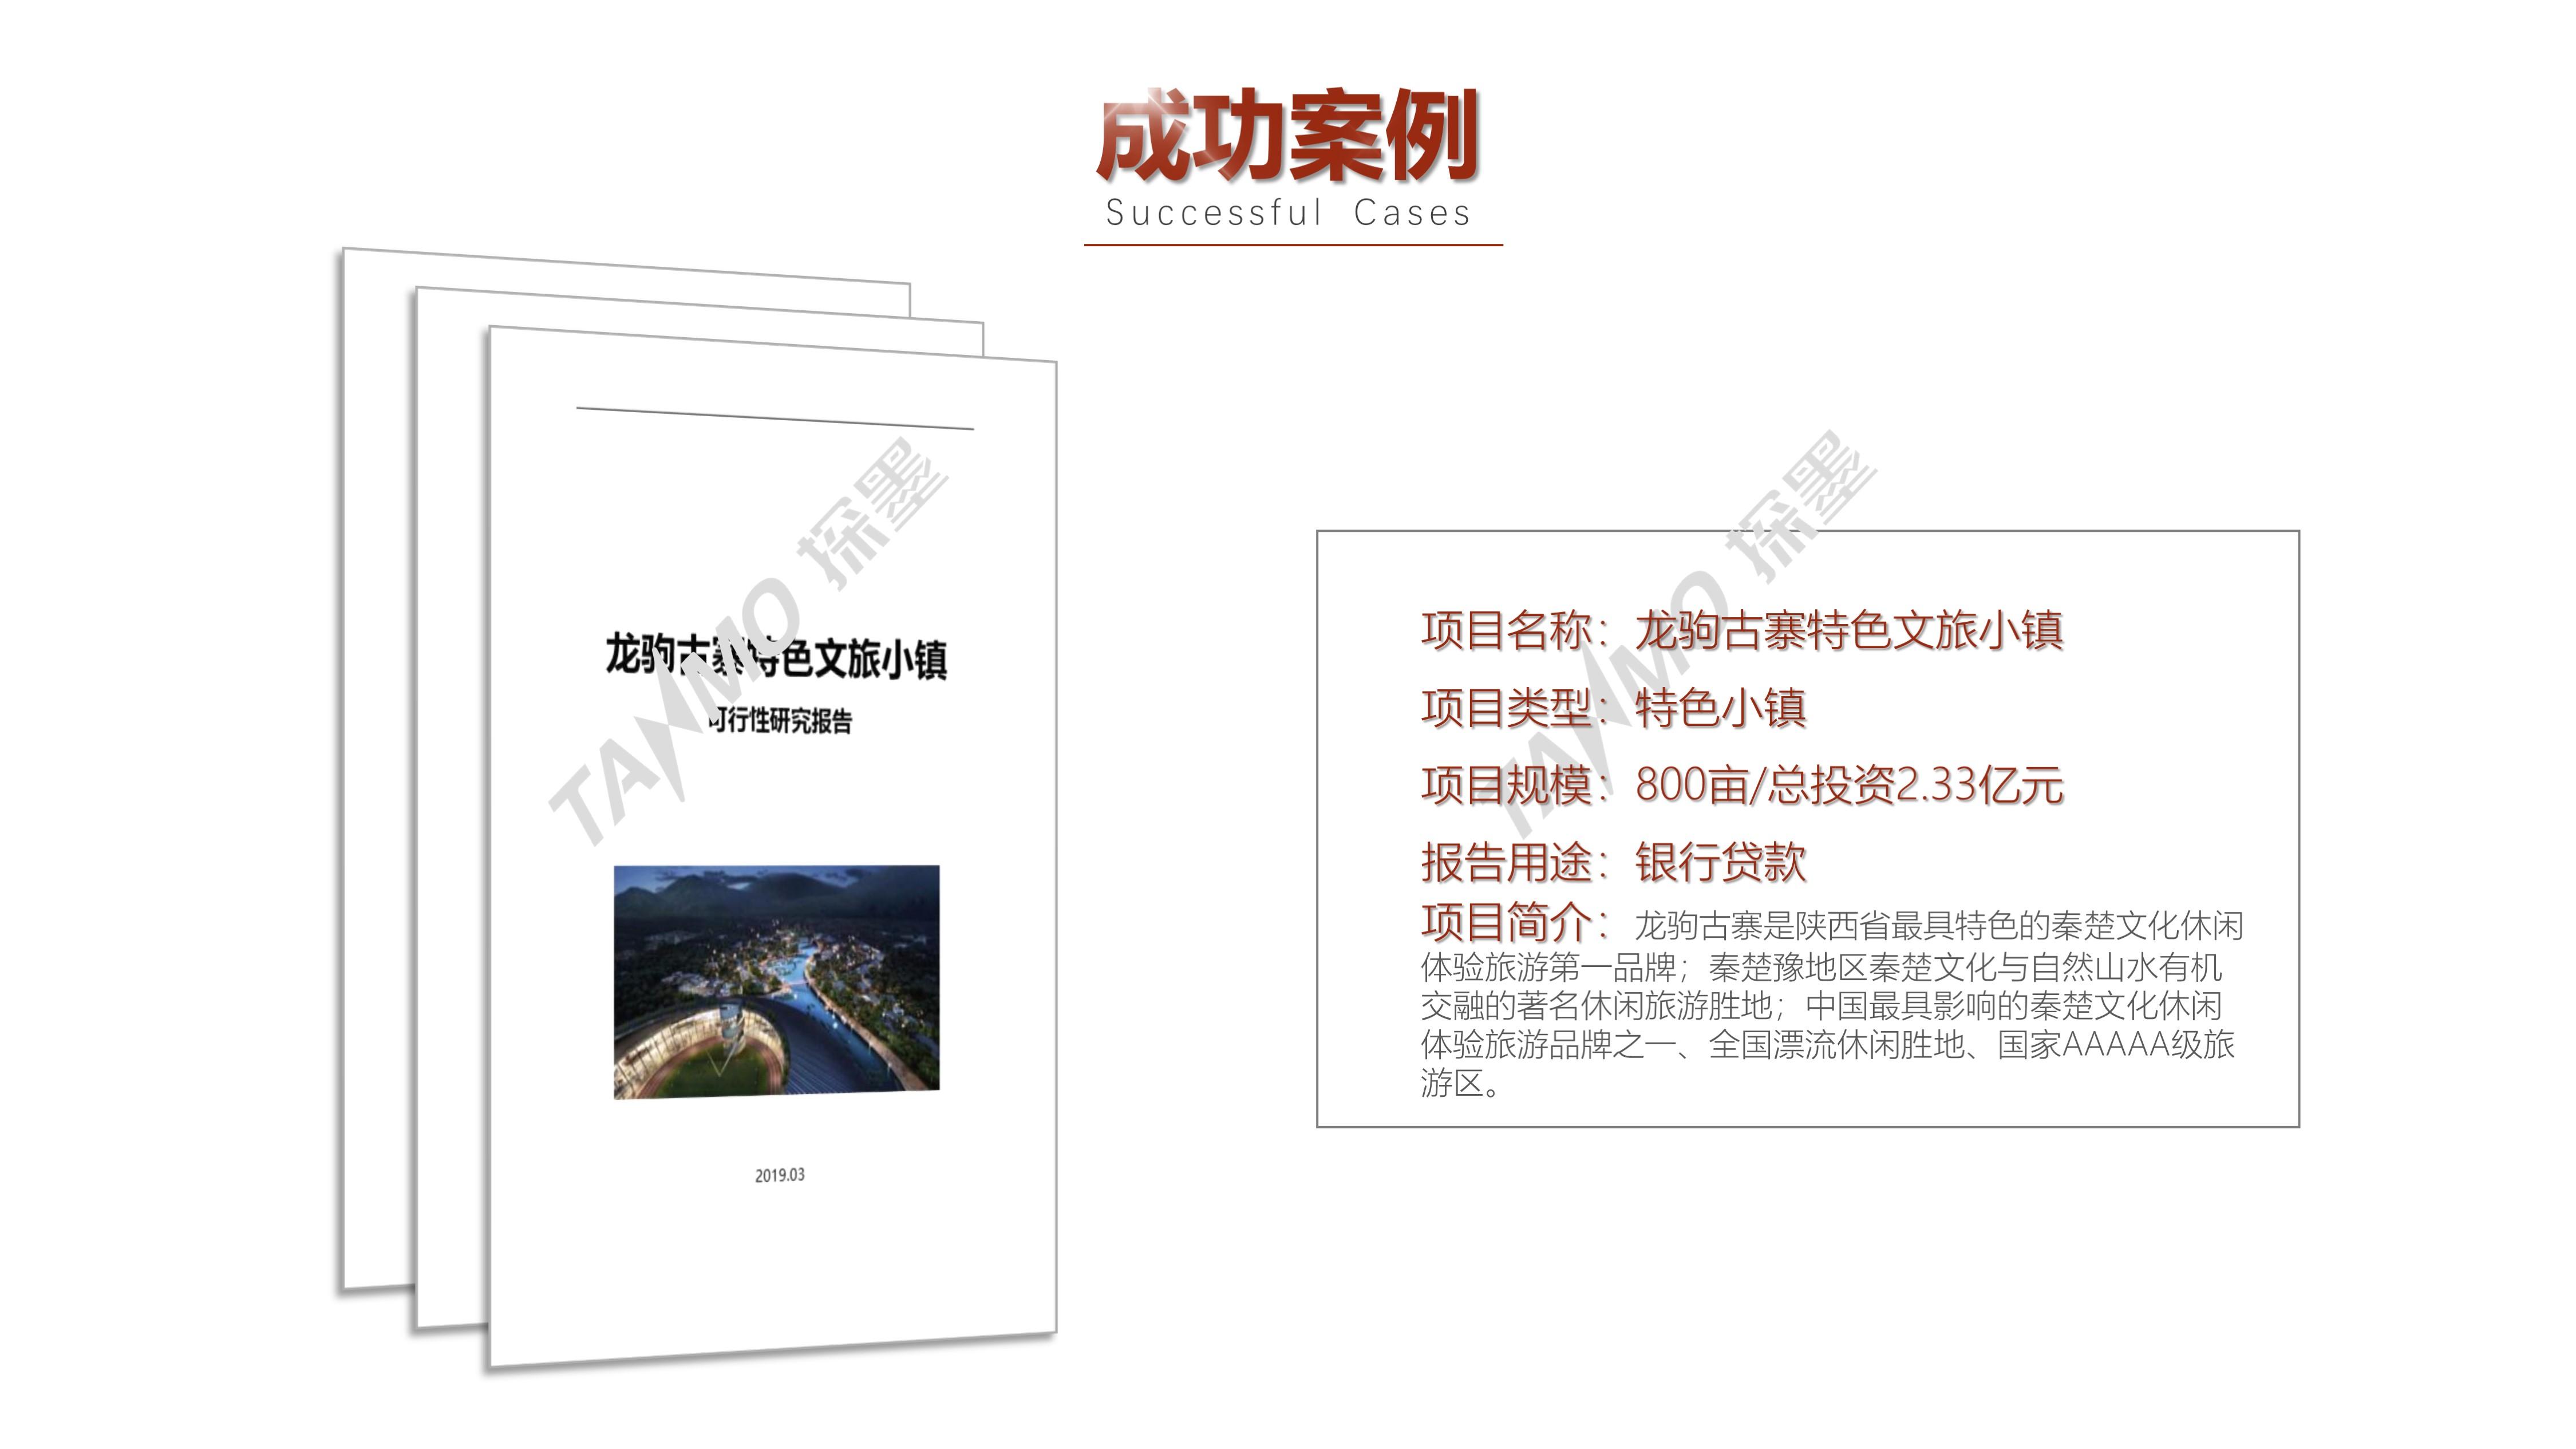 可行性研究报告可研政府立项报告银行审批项目建议计划书资金申请